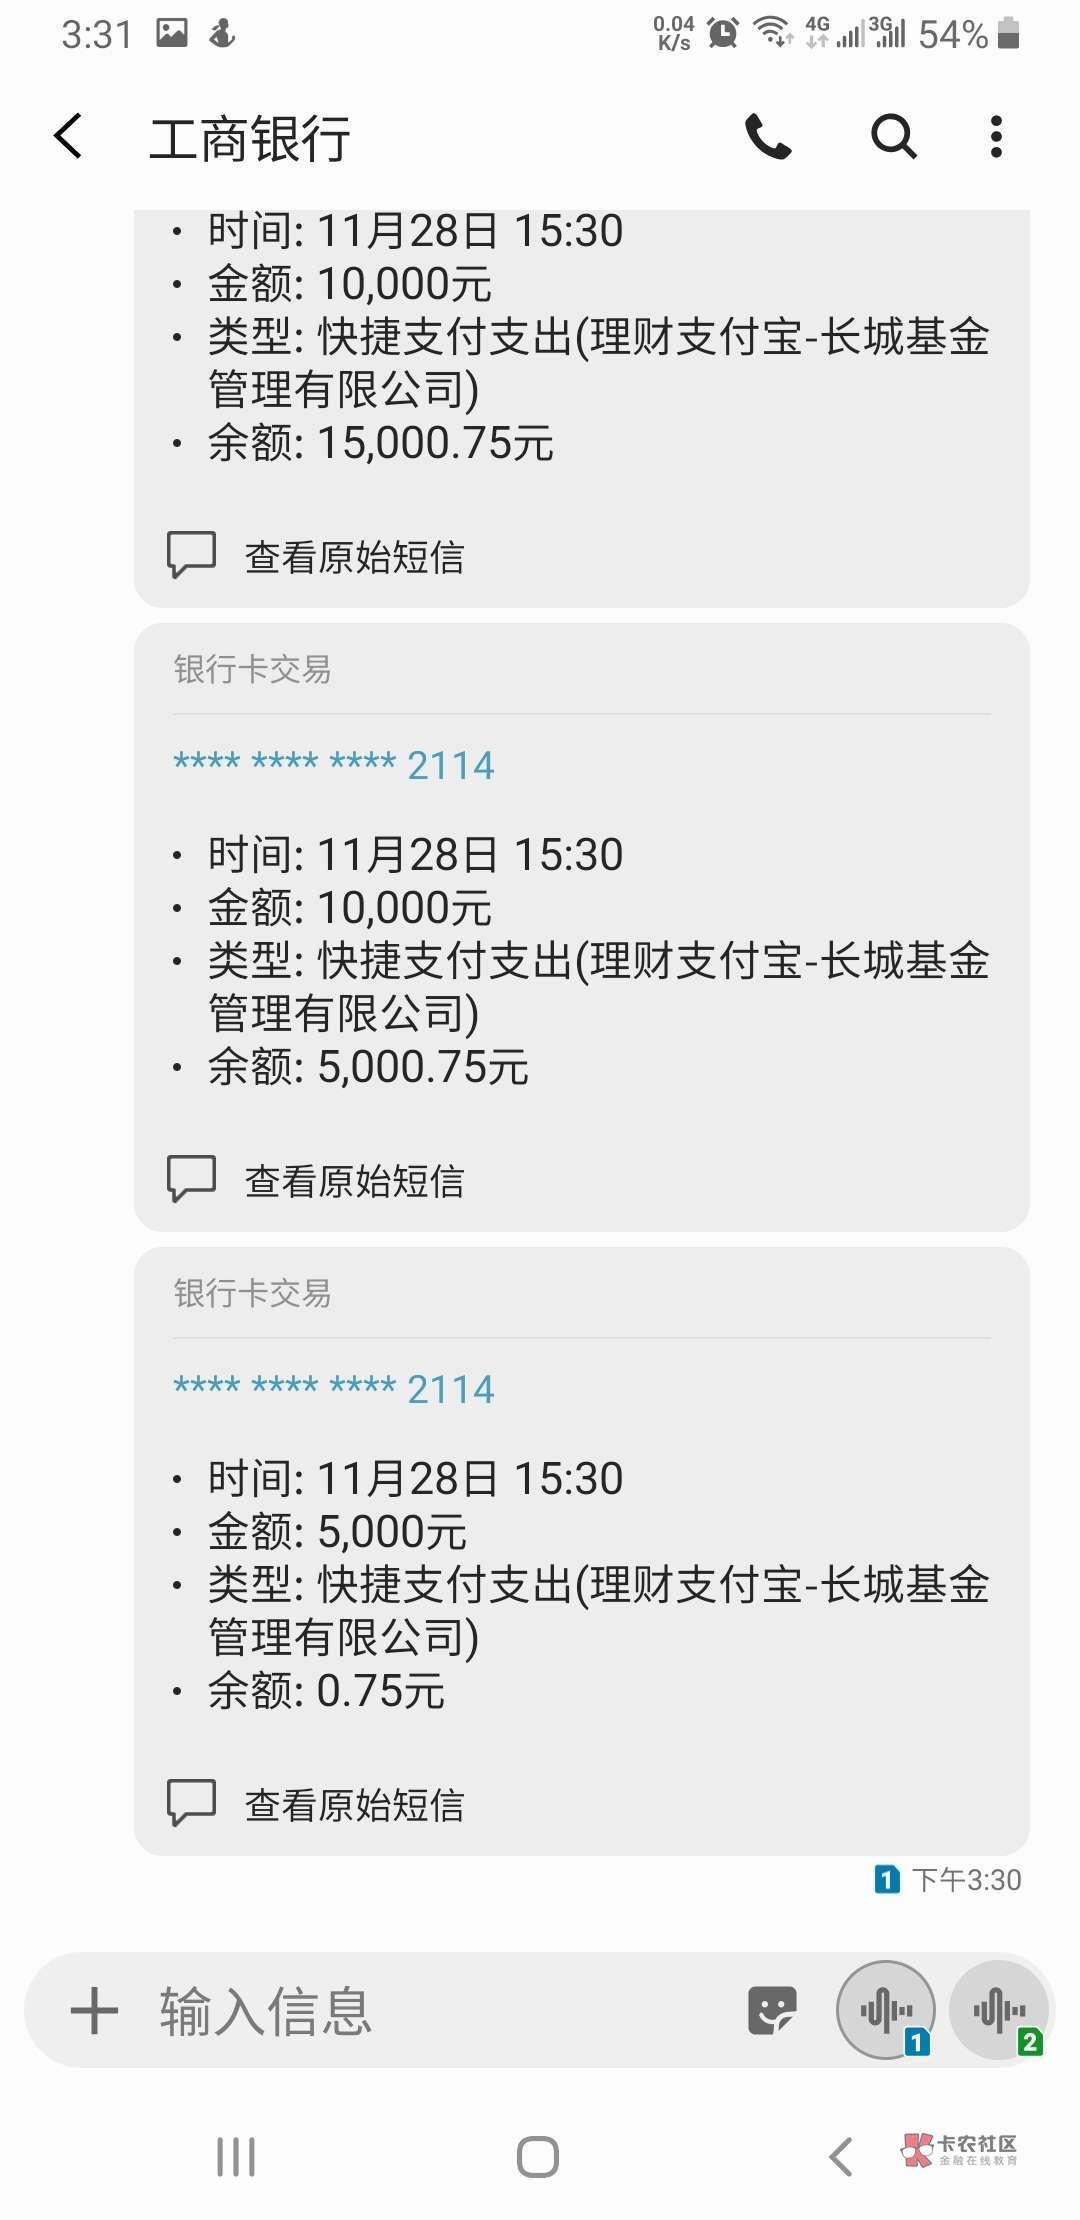 老哥们,收到华夏龙商贷短信让我心里忐忑不安,结果出...11 / 作者:不锈钢网厂家 /